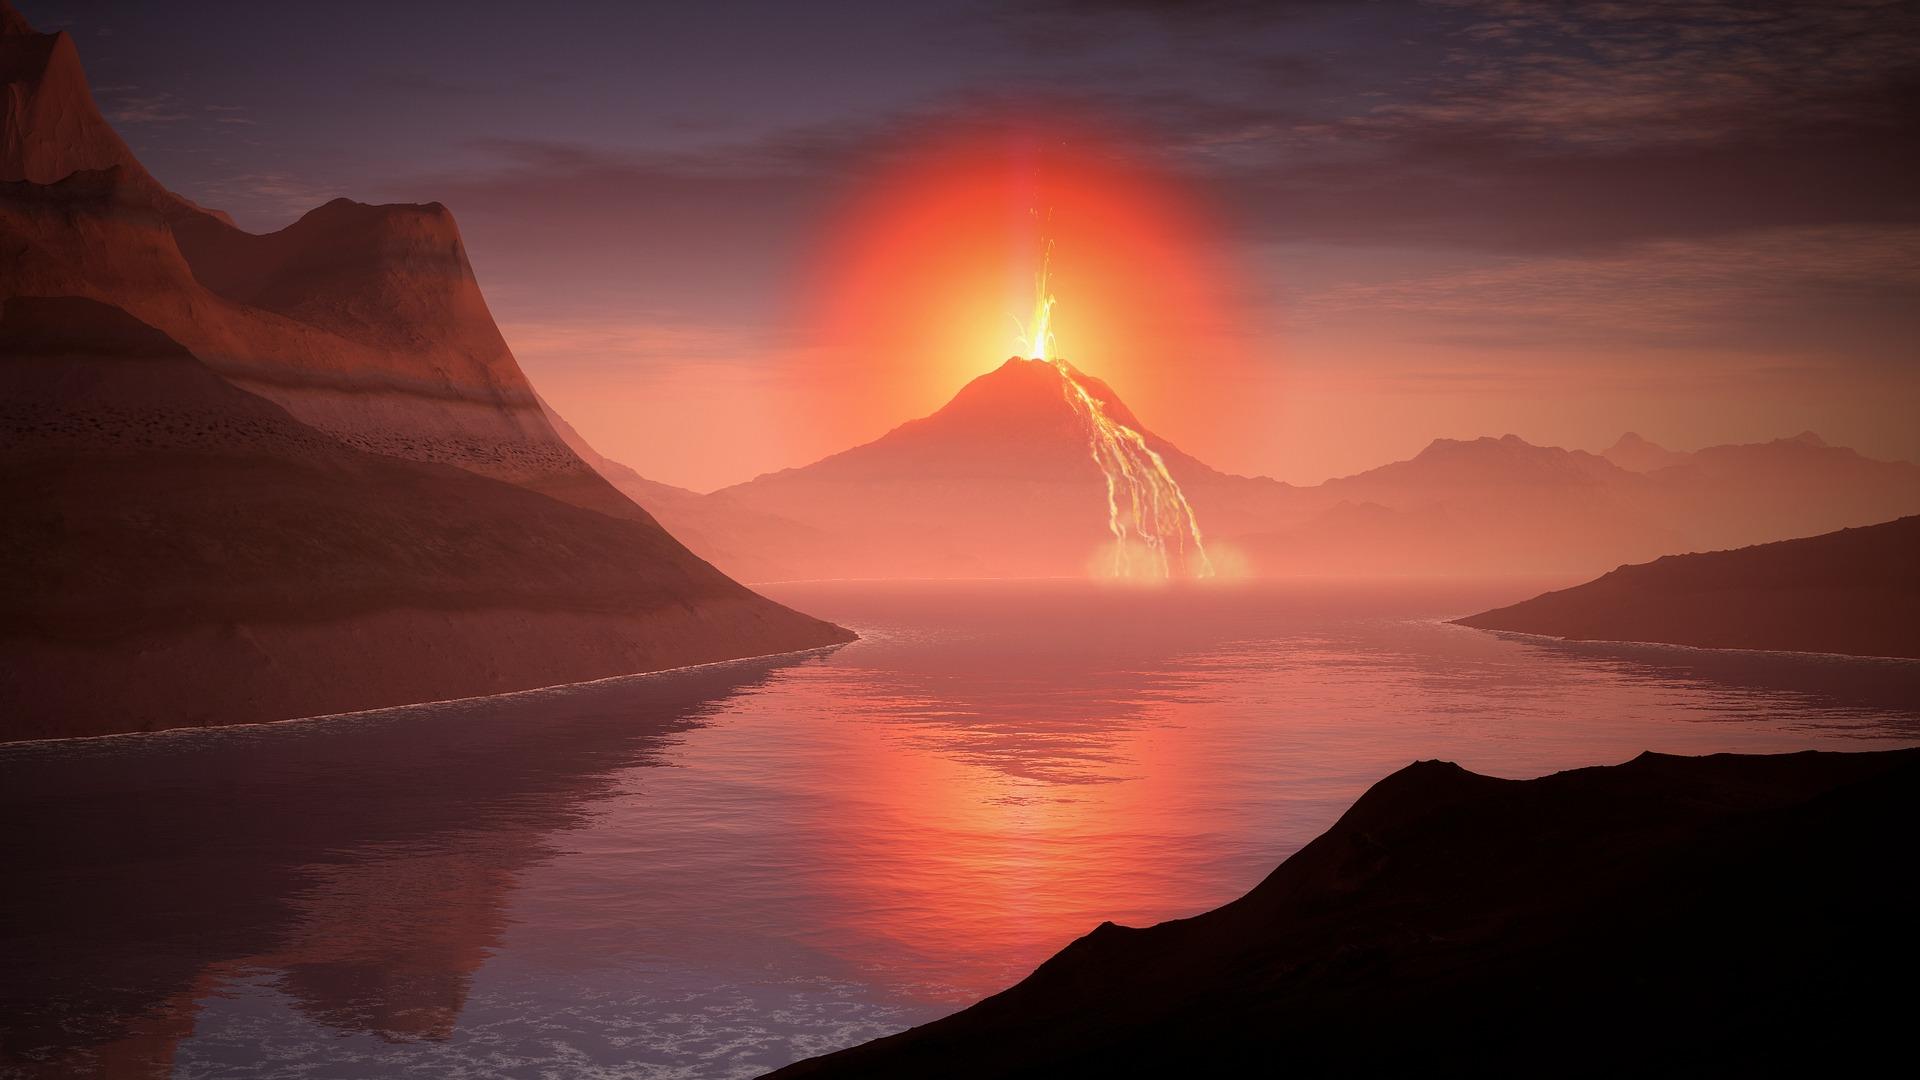 【テンバガー】火山の噴火から学ぶ株式投資の極意